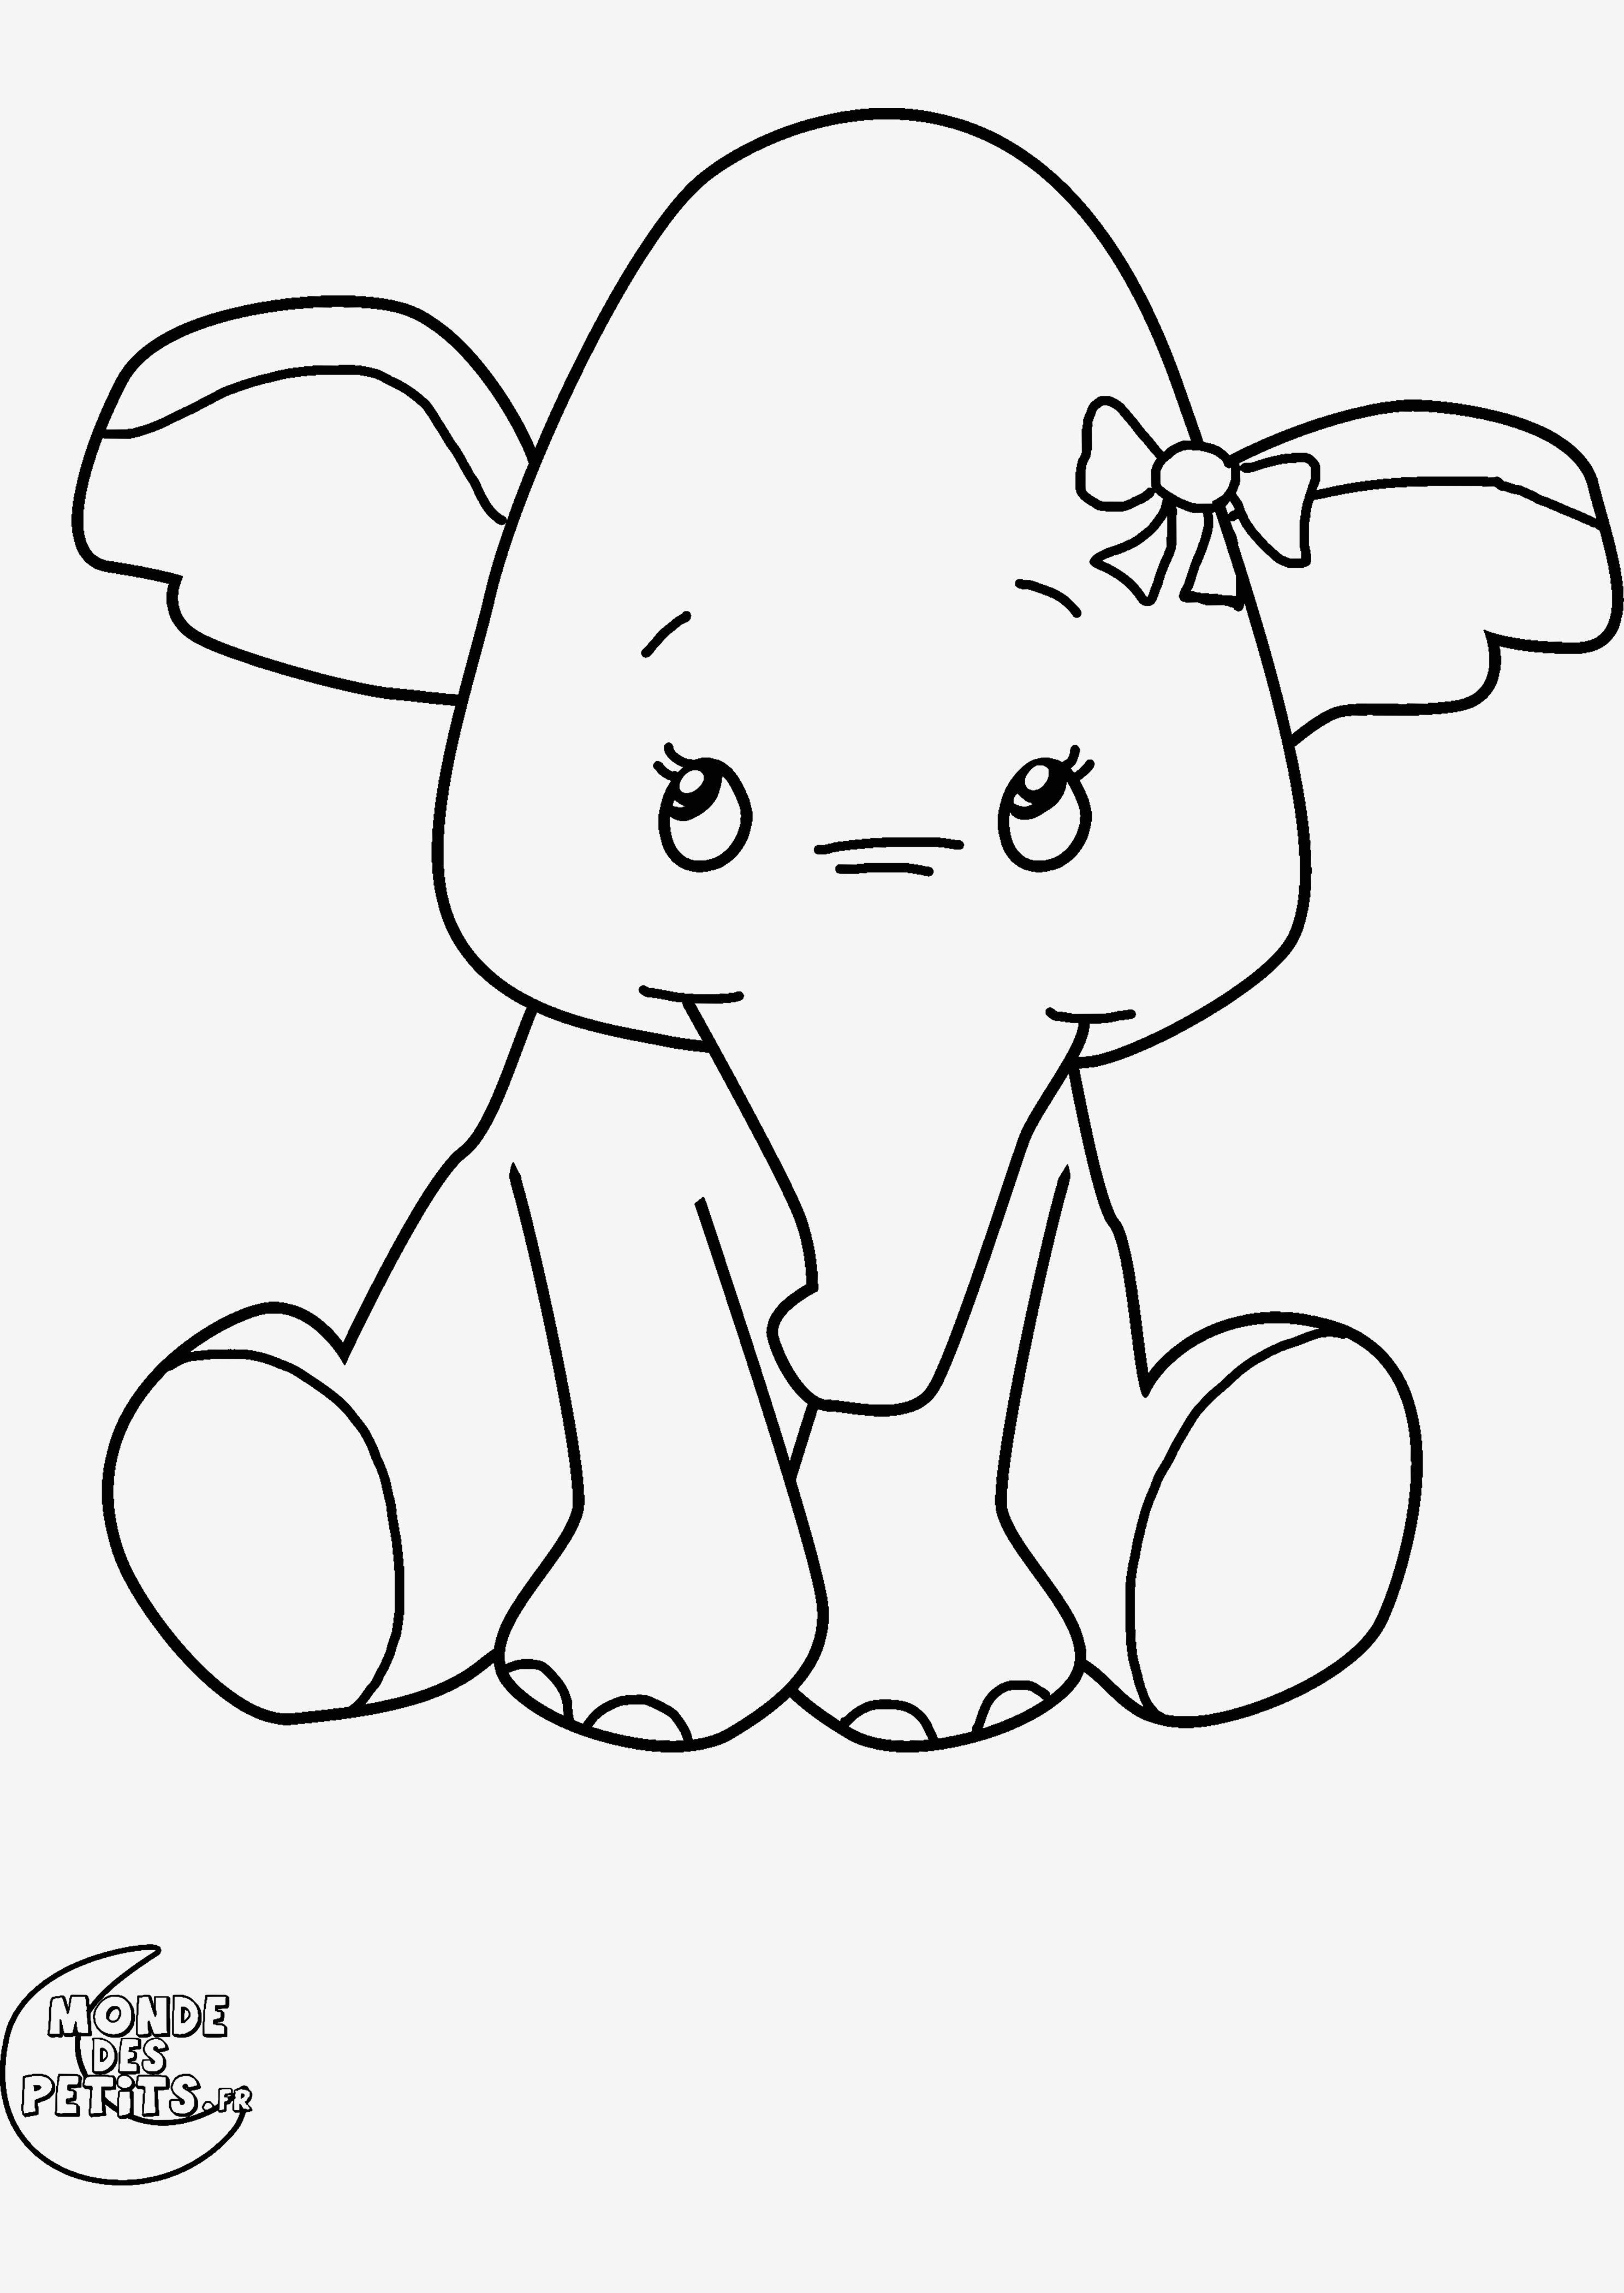 Einzigartig Bilder Ausmalen Tiere Farbung Malvorlagen Malvorlagenfurkinder Bilder Zum Ausmalen Ausmalen Tiere Zeichnen